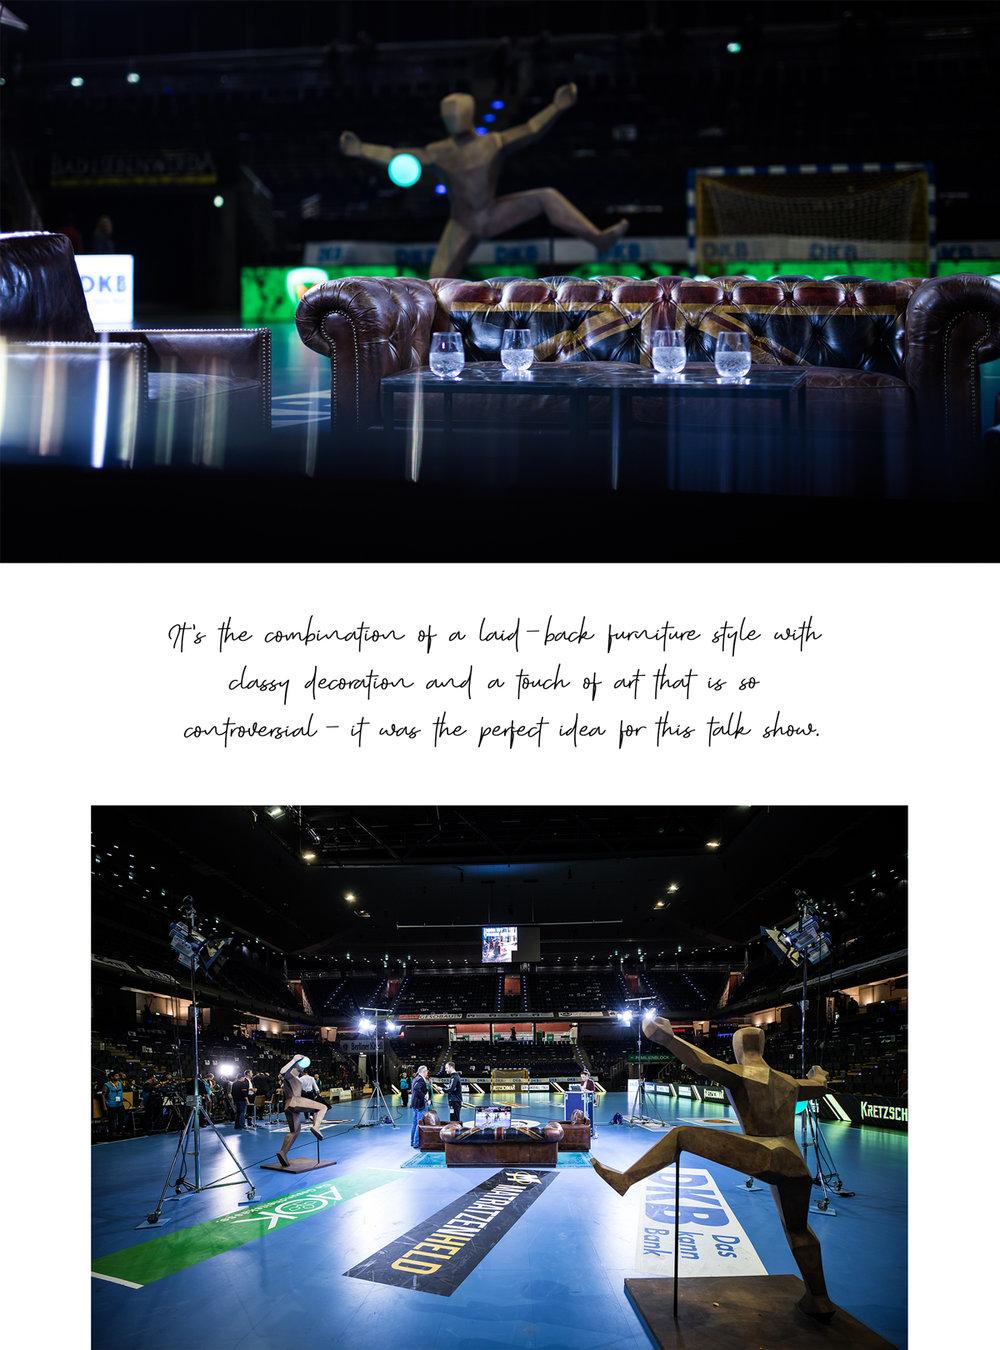 SKY_Handball_final.jpg